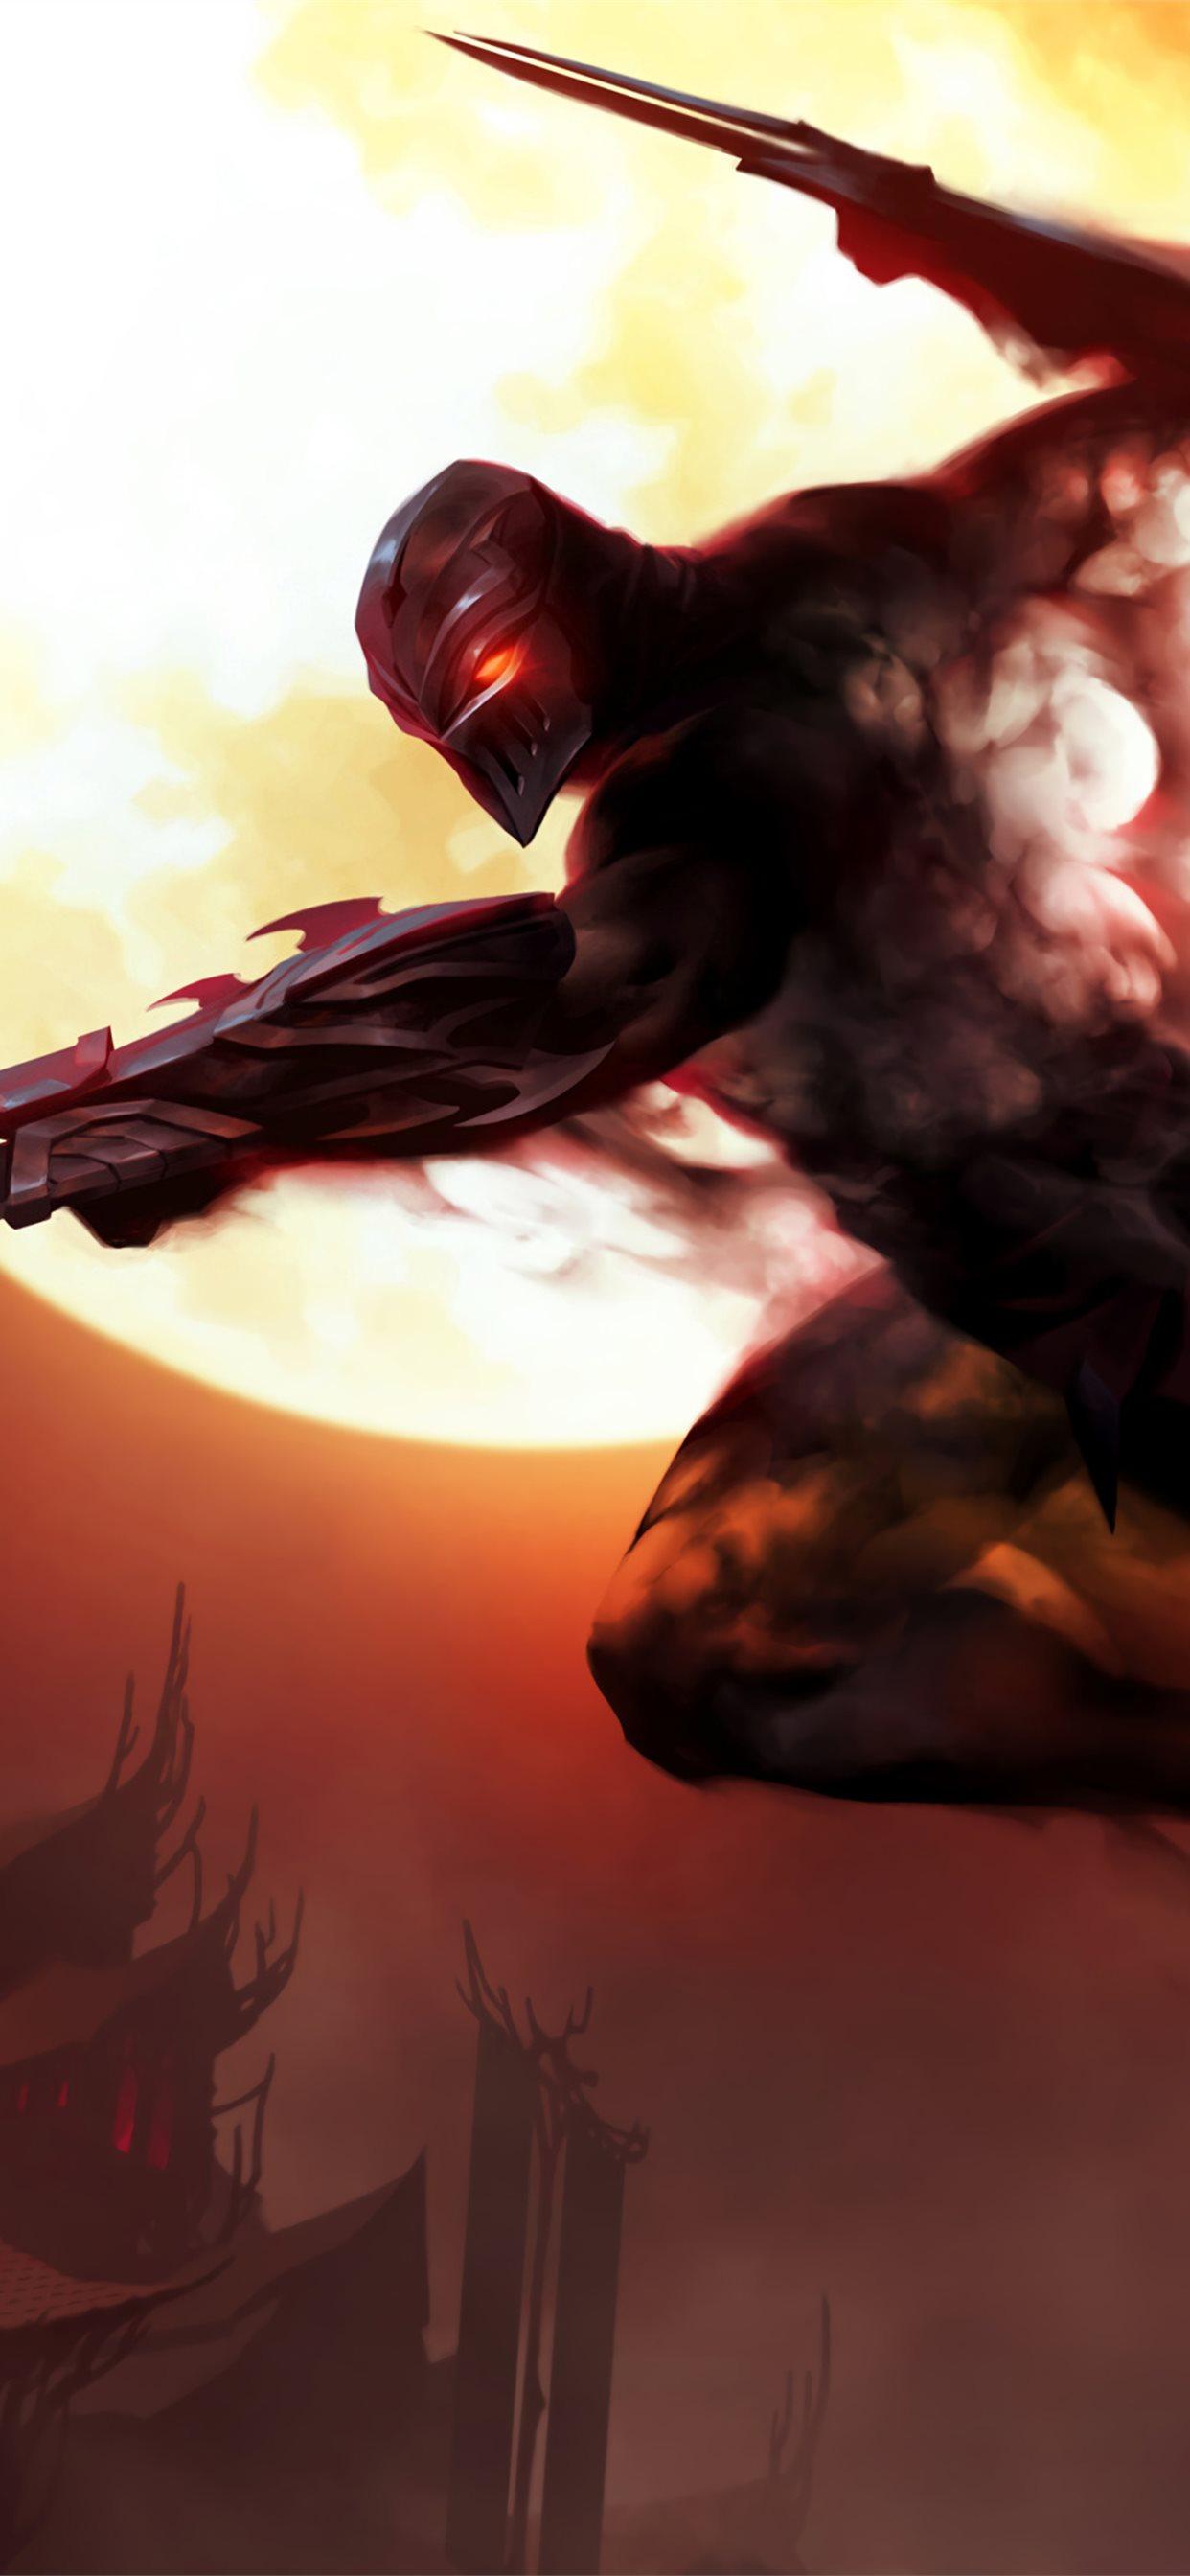 Zed Legends Of Runeterra League Of Legends 4k Iphone X Wallpapers Free Download